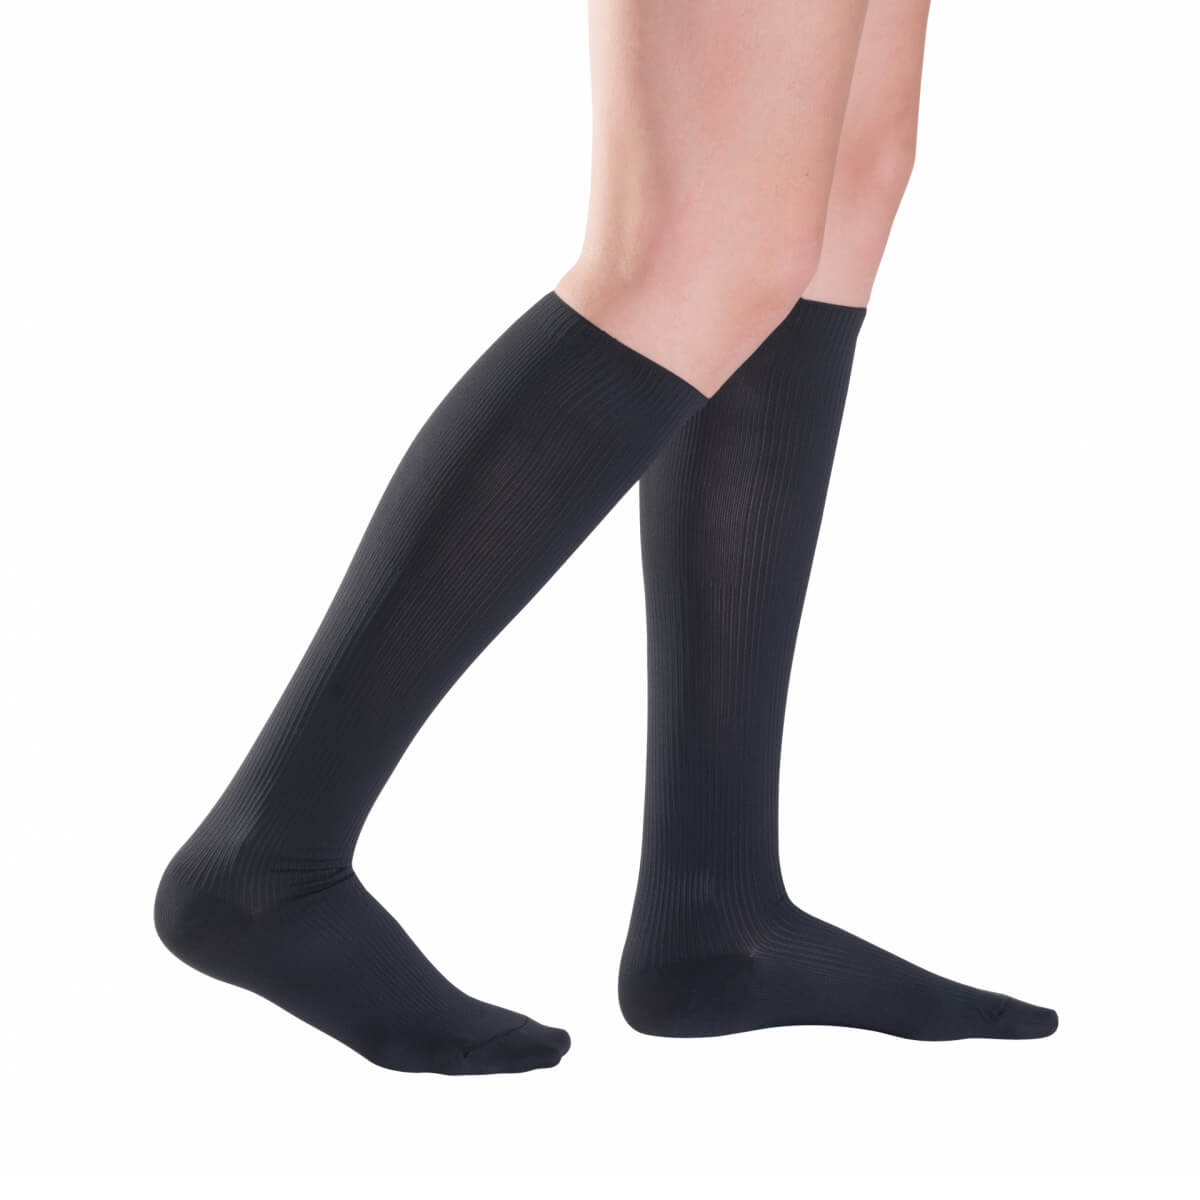 Kompresné ponožky Traveno by SIGVARIS - čierne, veľkosť 36-37